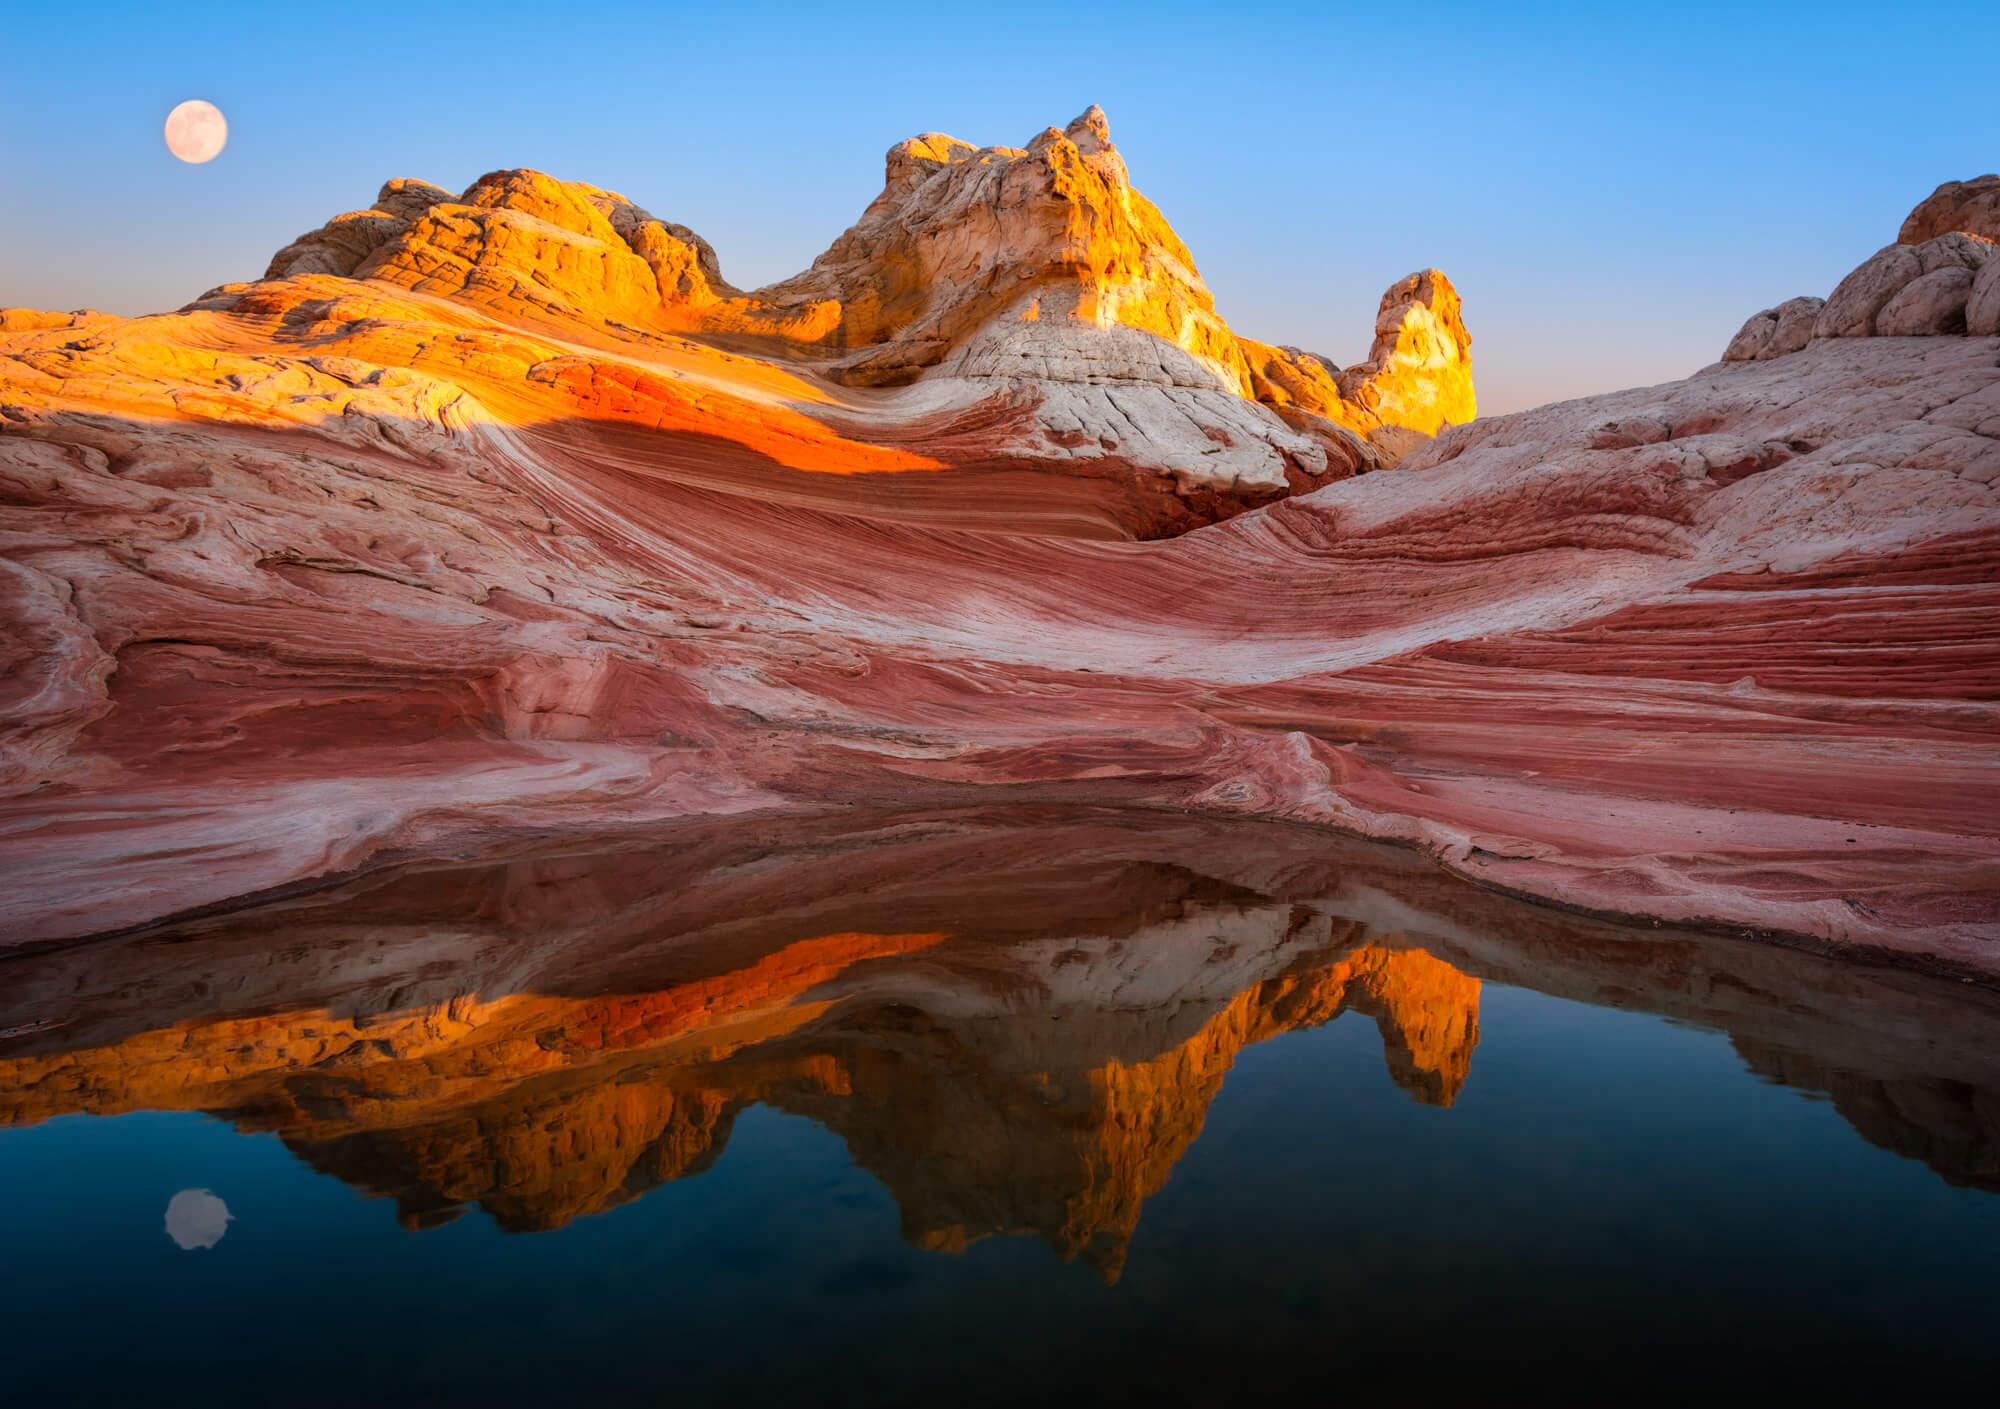 White Pocket in the Vermilion Cliffs Flickr User Peter Boehringer